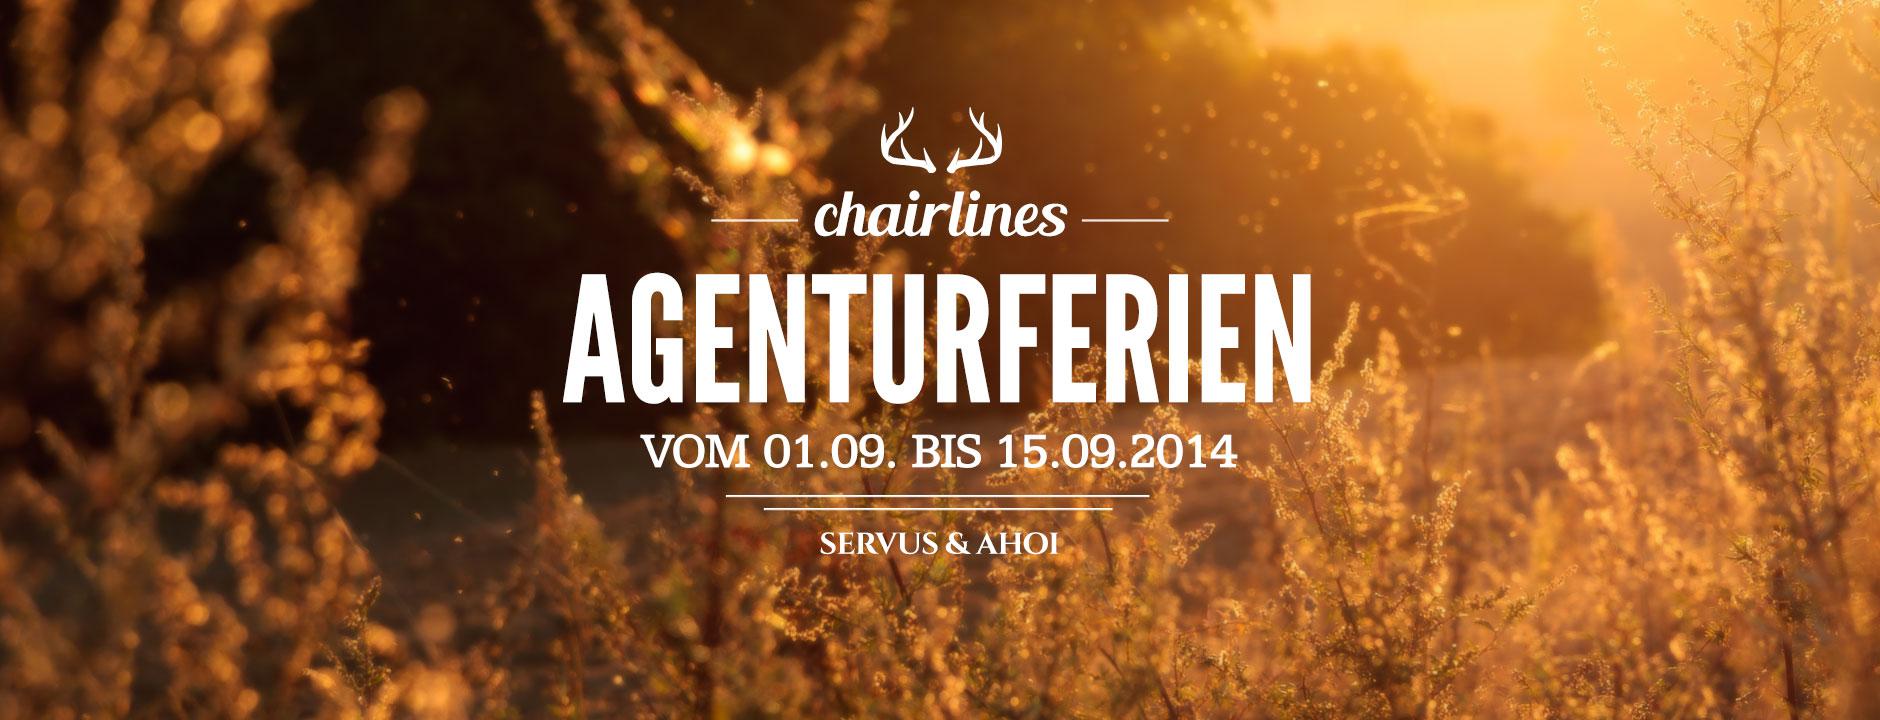 chairlines - Agenturferien 2014